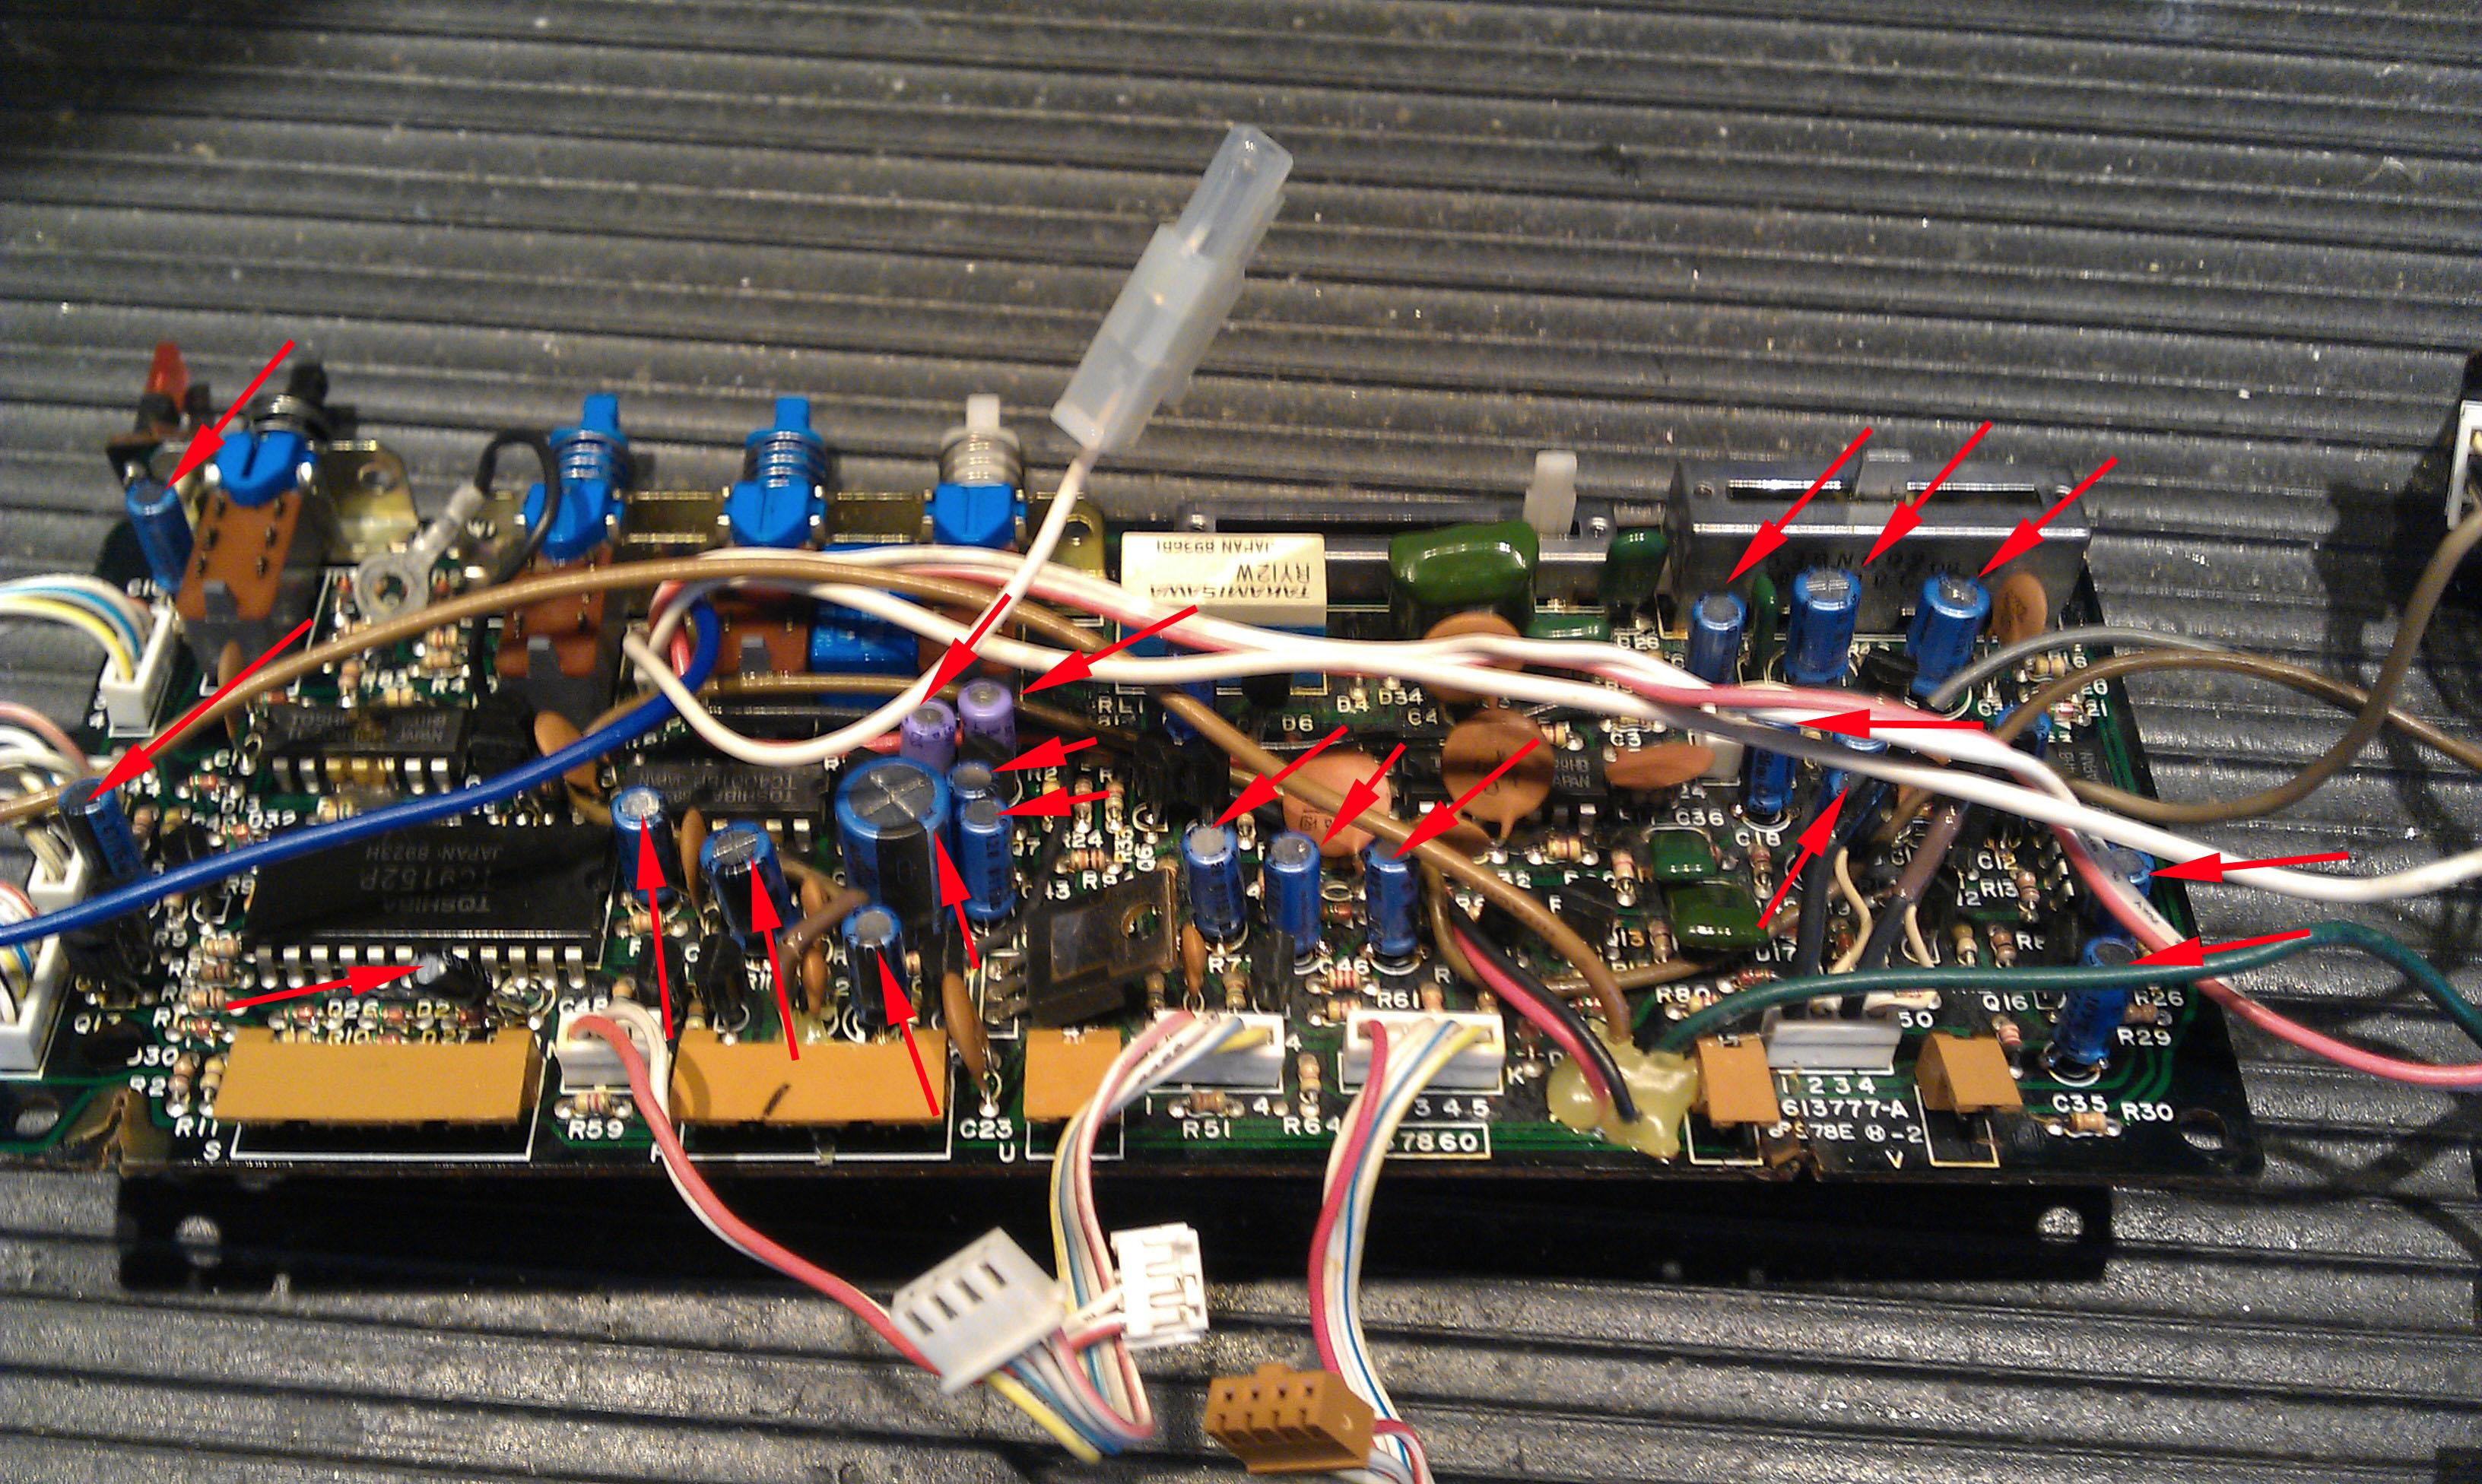 im4006 rebuilt control pcb?__SQUARESPACE_CACHEVERSION=1370275515641 your site name im4006 nutone model im4006 radio cassette intercom nutone im 4006 wiring diagram at eliteediting.co